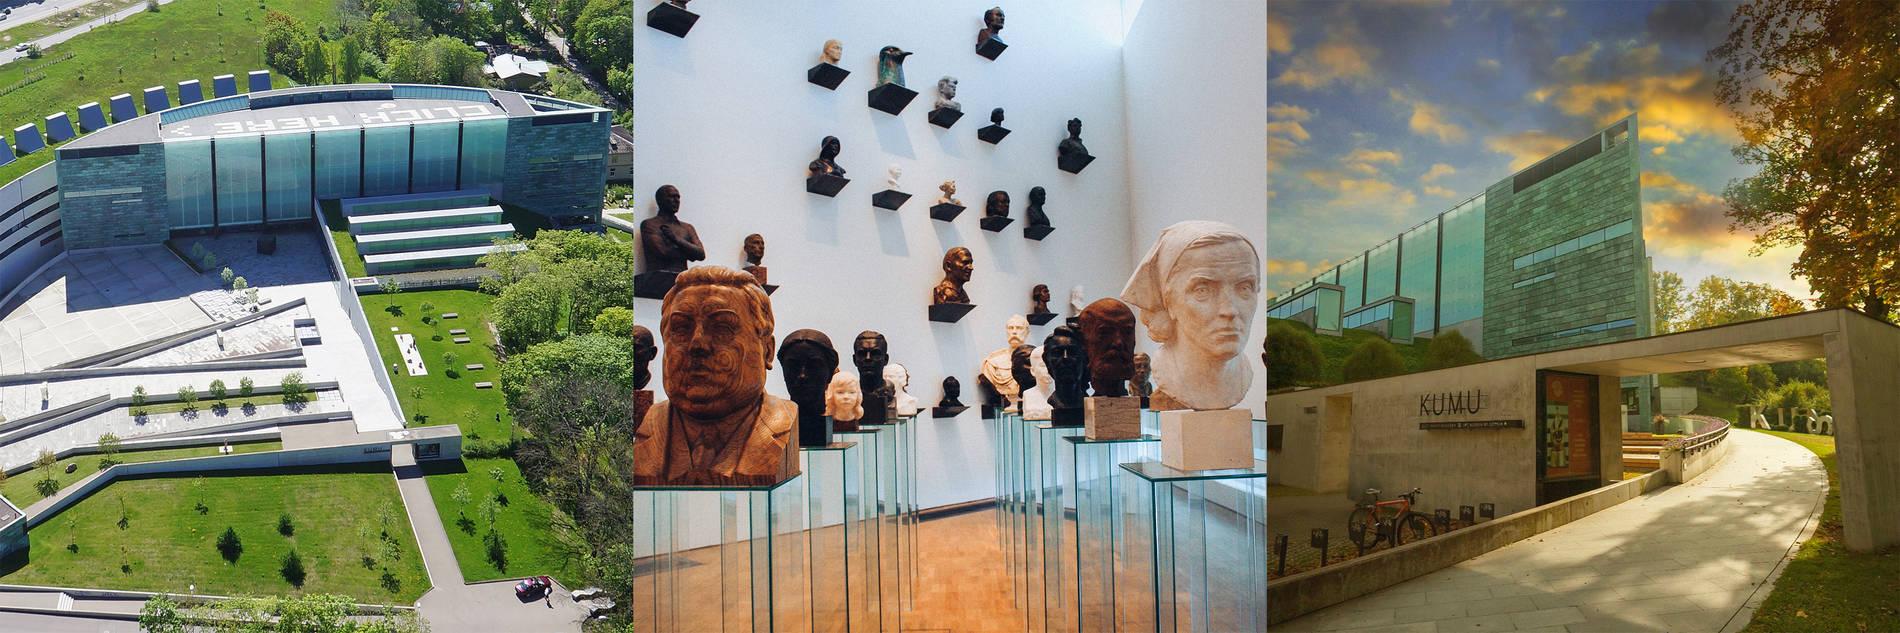 Taidemuseo Kumu, Tallinna Kuva: